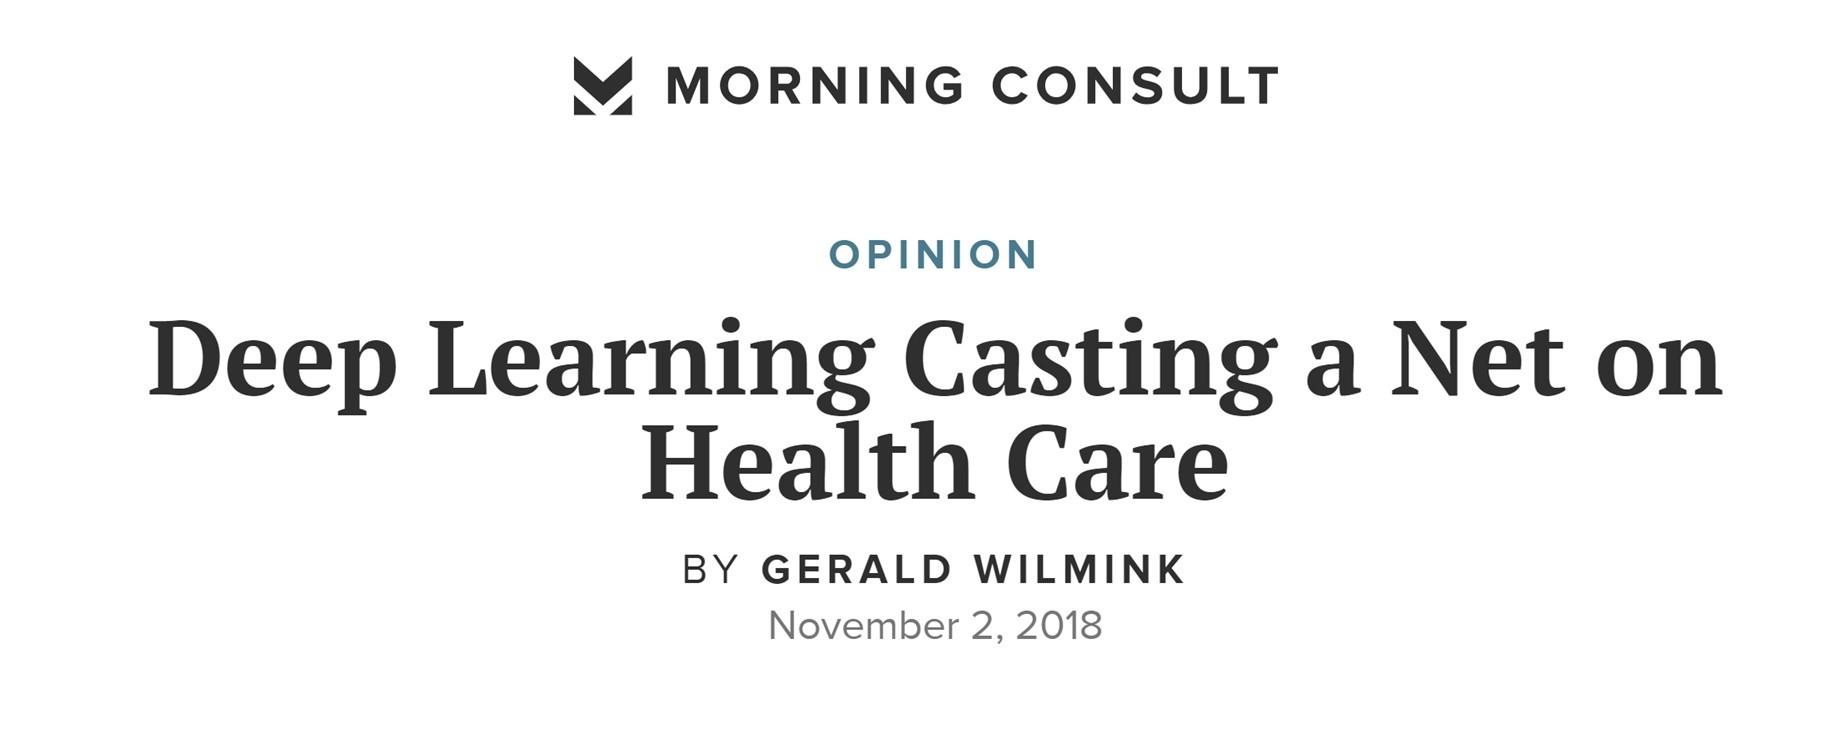 morning consult.jpg